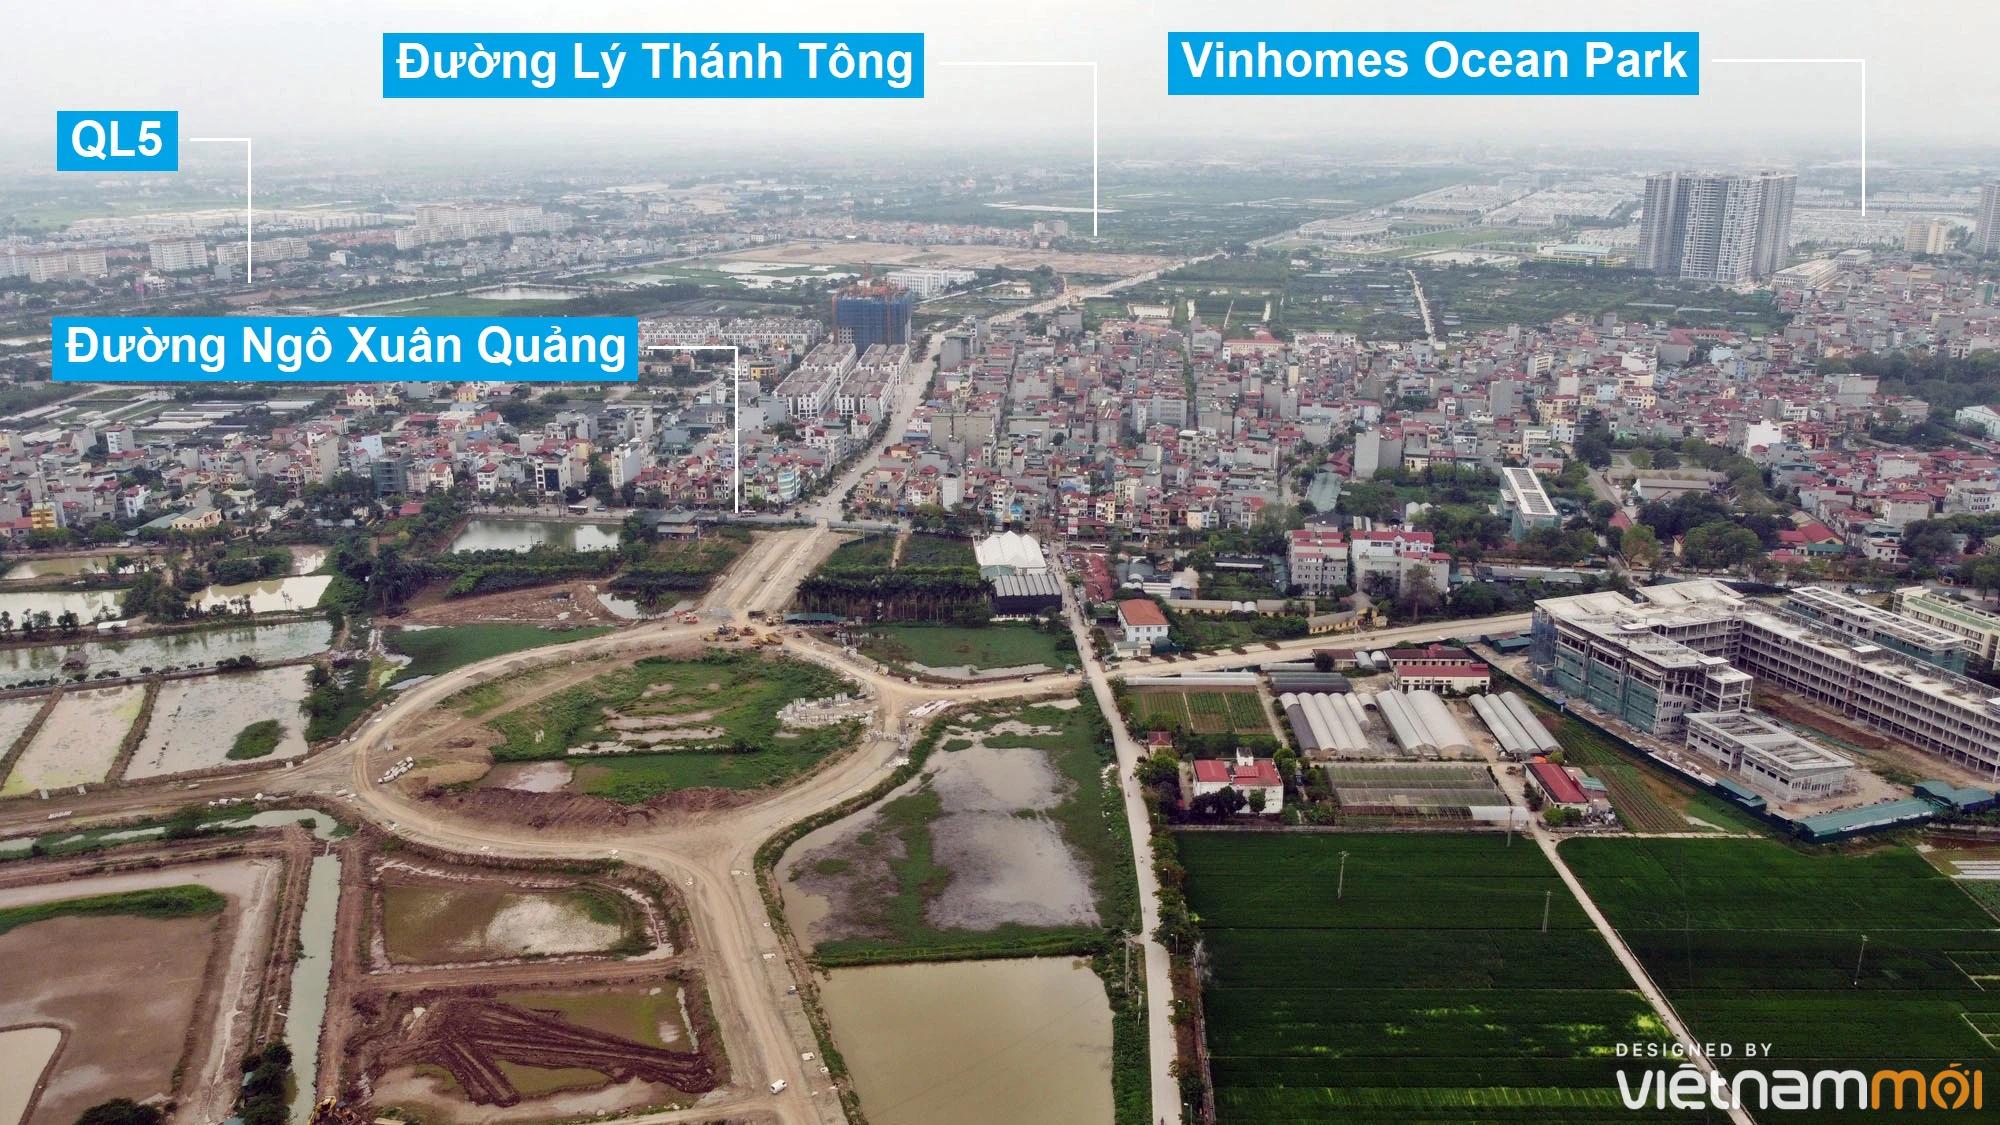 Toàn cảnh đường từ Kiêu Kỵ đến sông Cầu Bây qua Vinhomes Ocean Park đang mở theo quy hoạch ở Hà Nội - Ảnh 12.